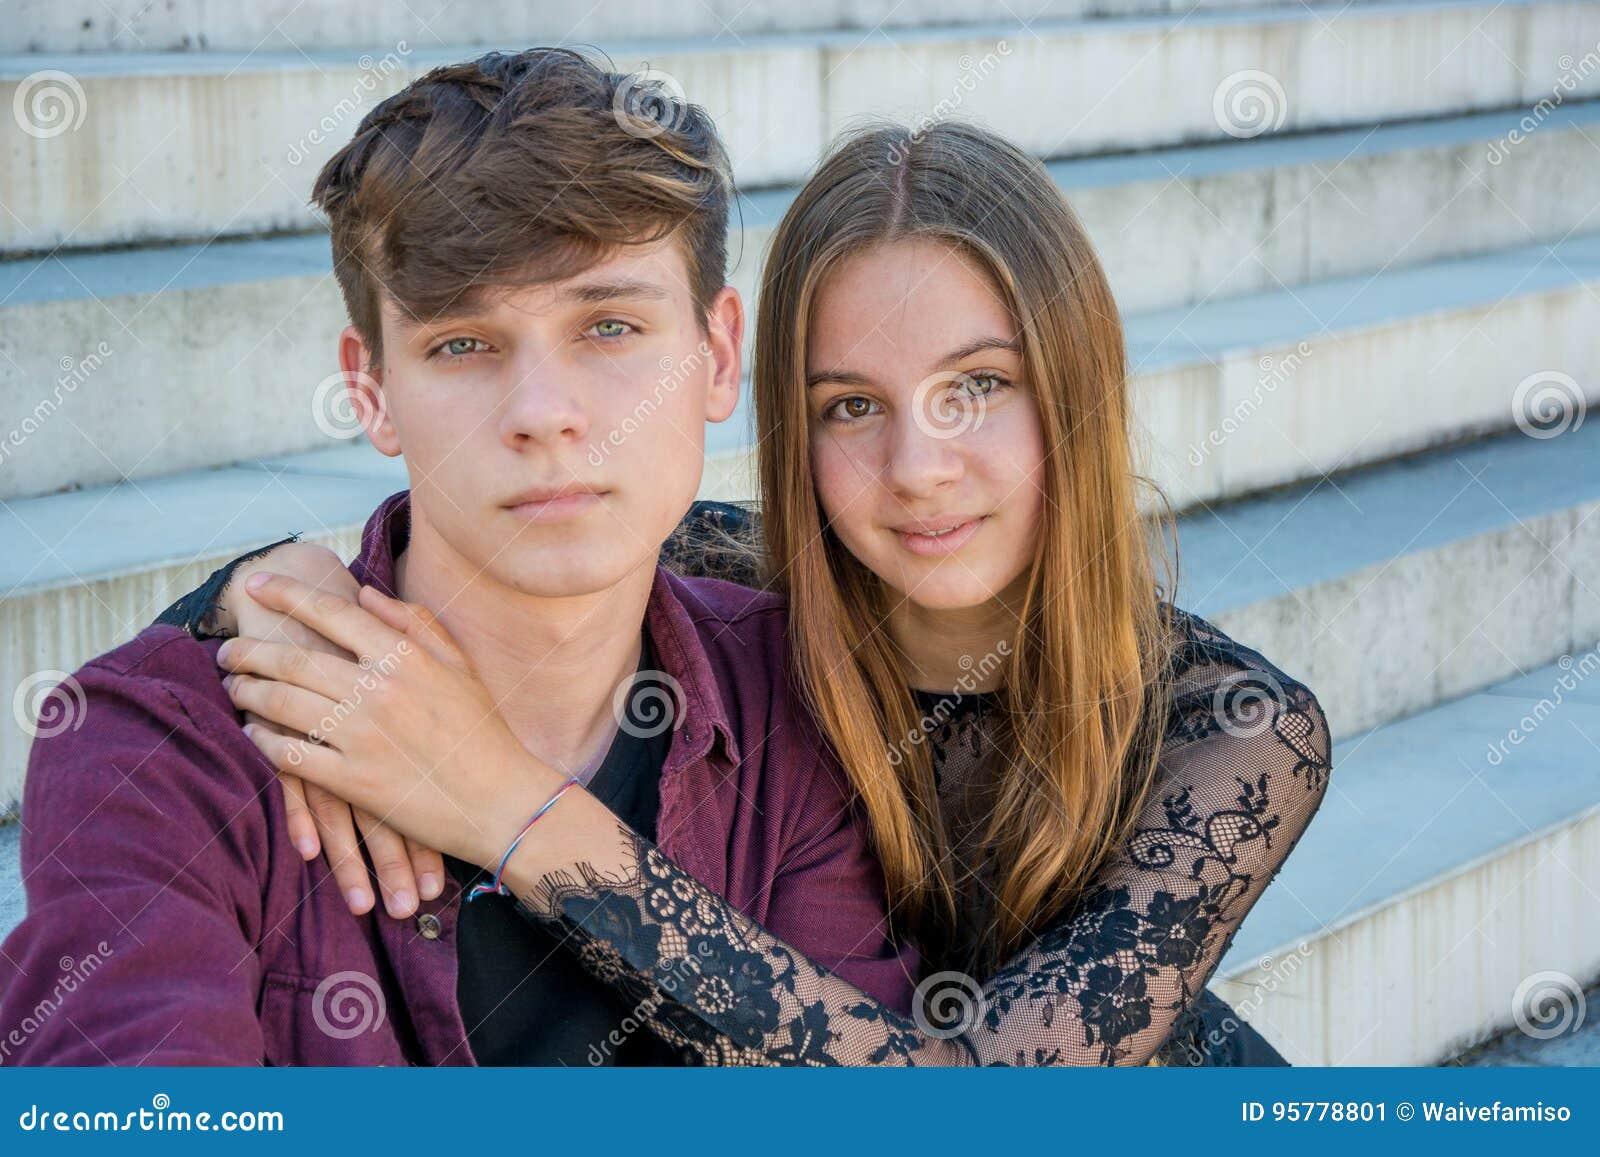 couple outdoor asian Virgin